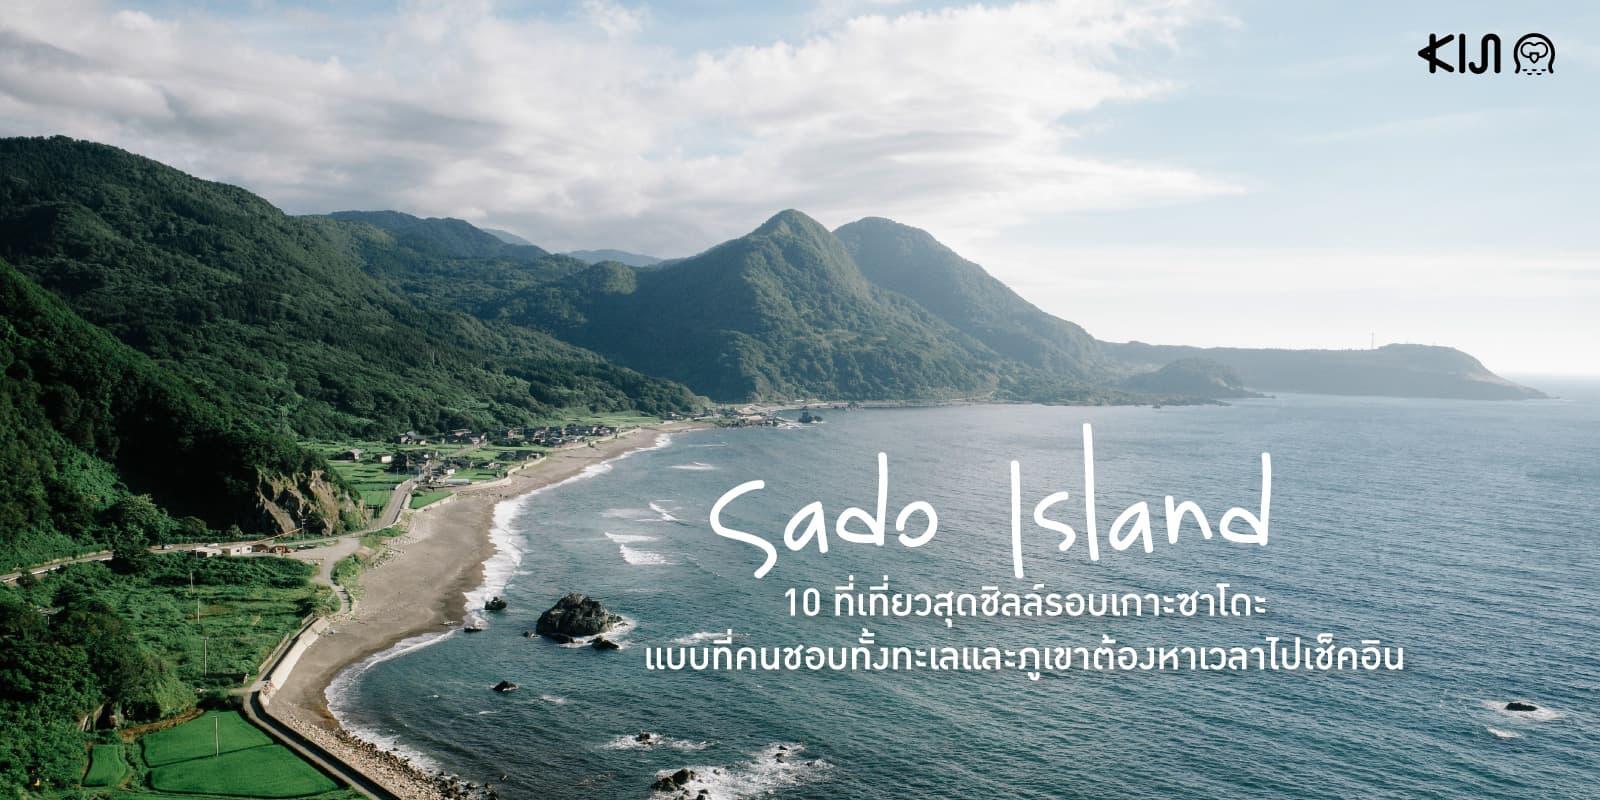 รวมฮิตที่เที่ยวรอบ เกาะซาโดะ (Sado Island)